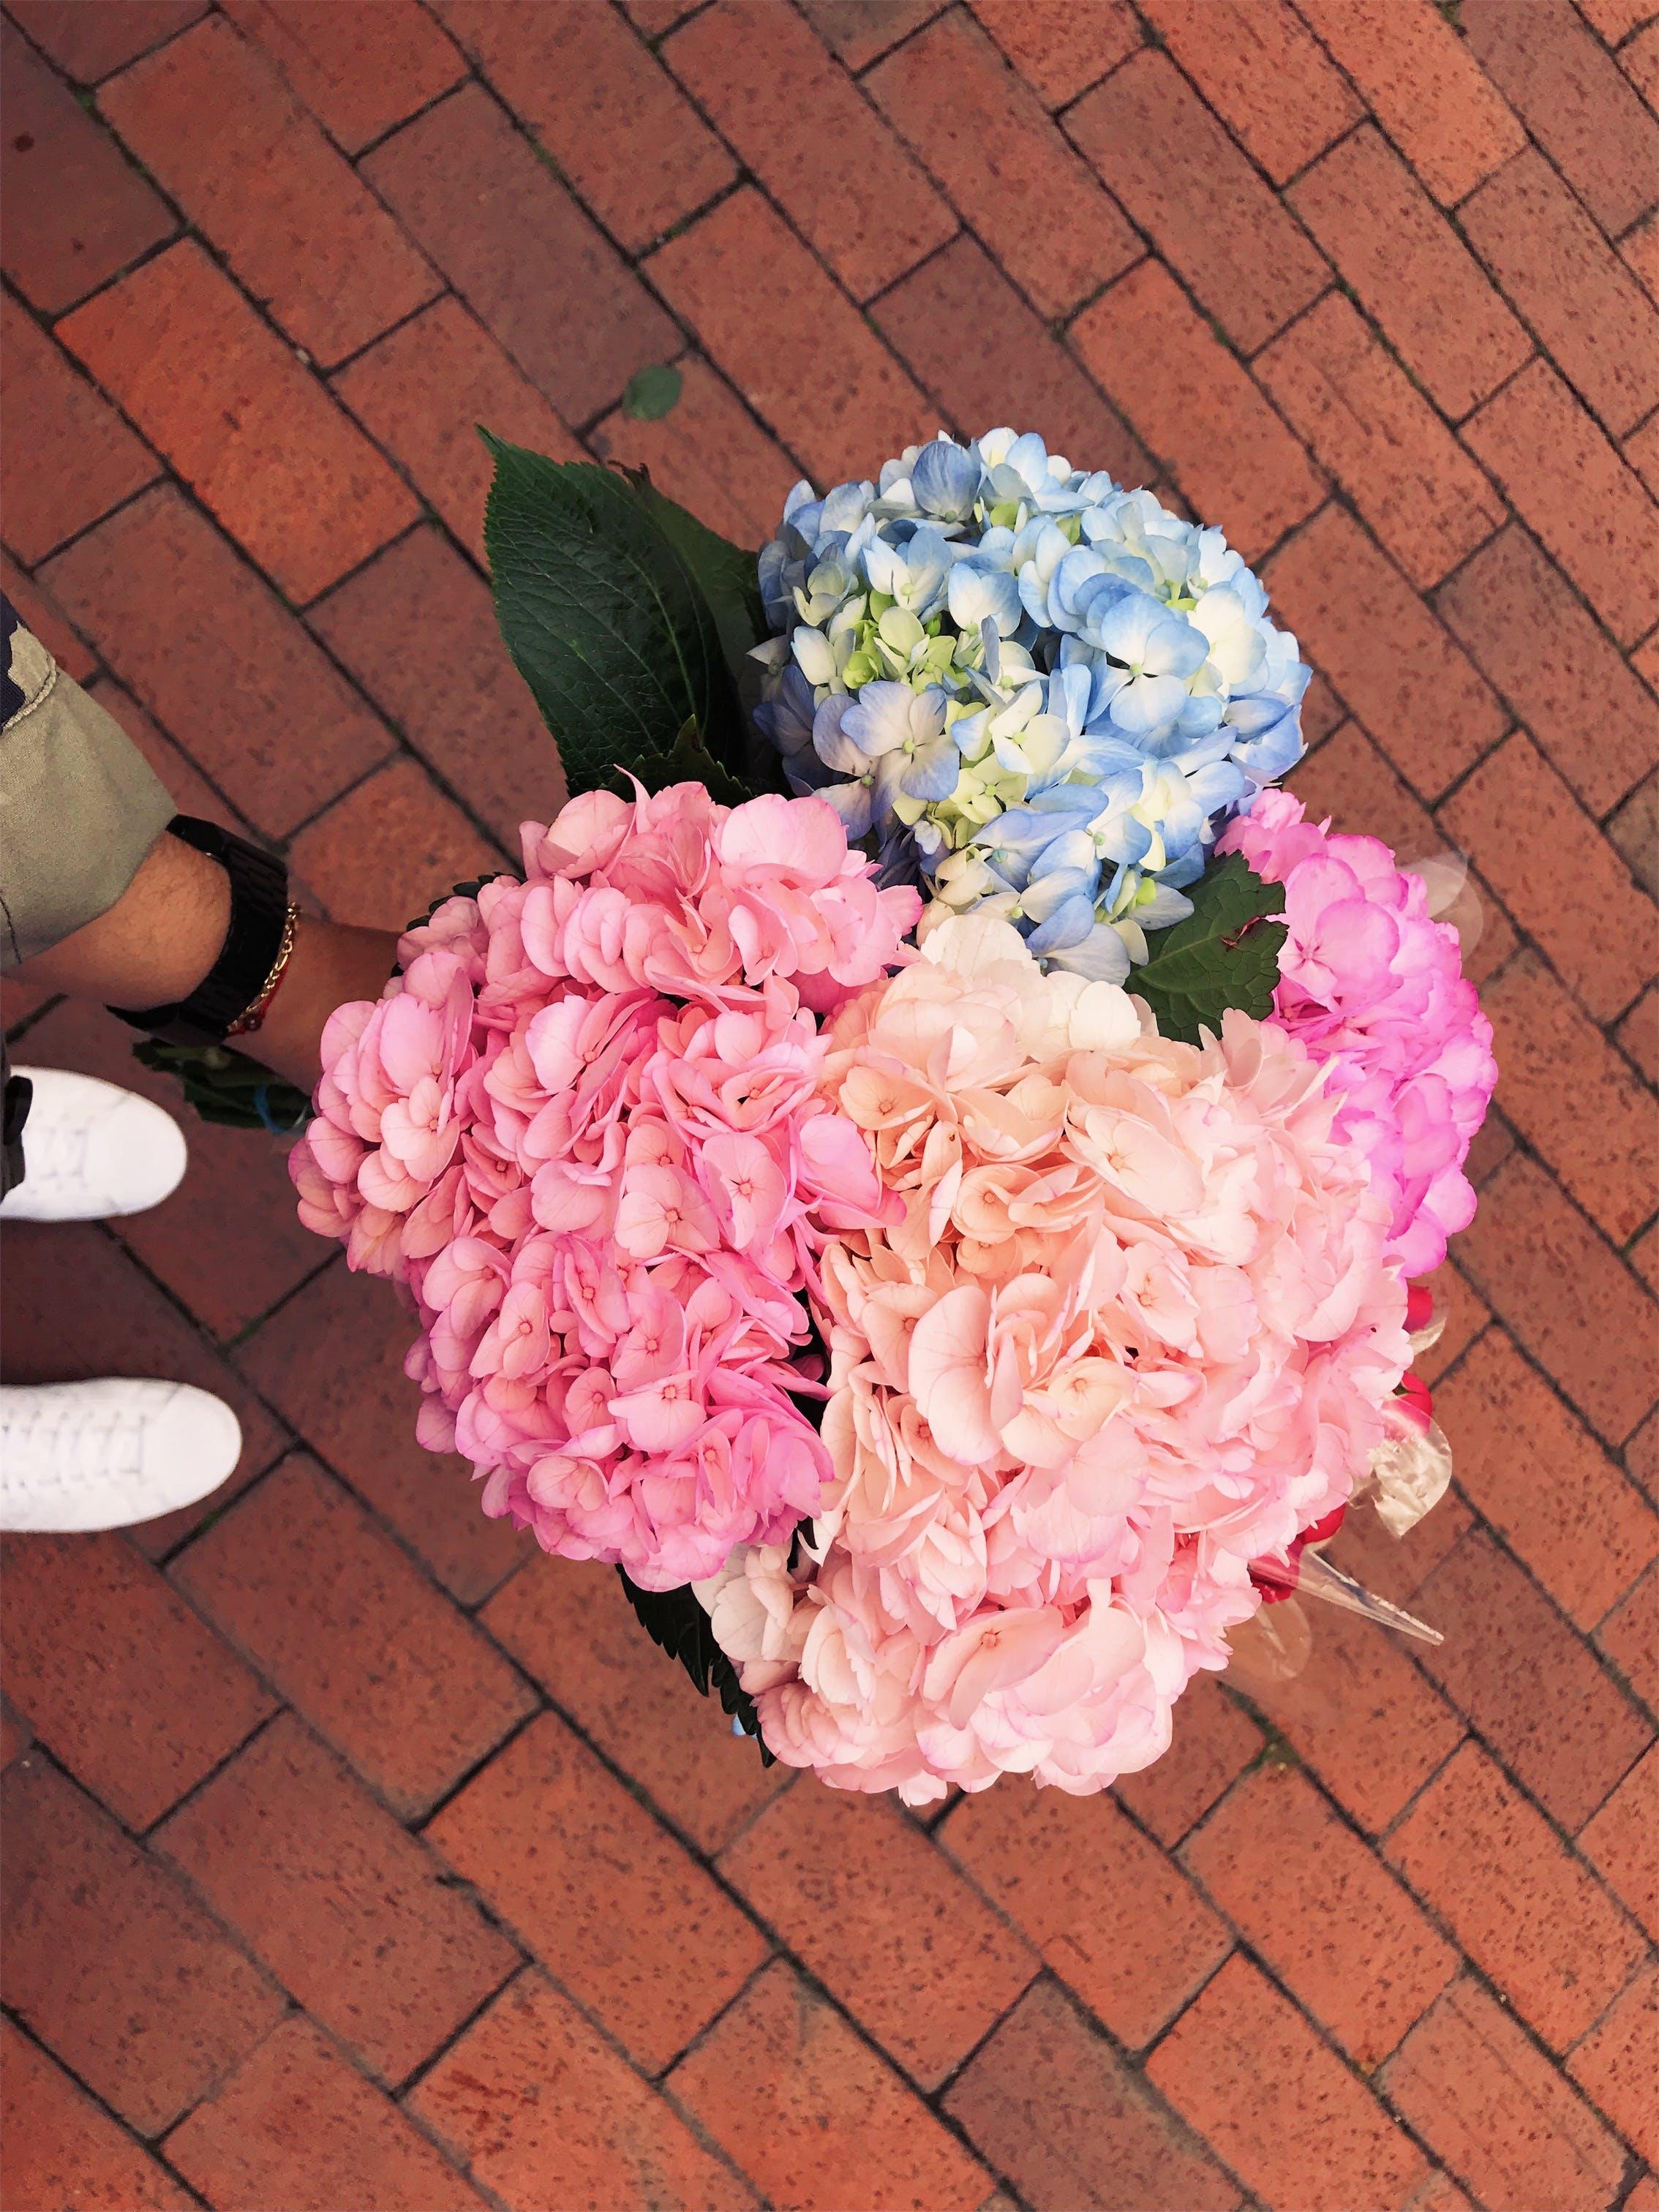 Foto d'estoc gratuïta de amor, arranjament floral, bonic, colorit